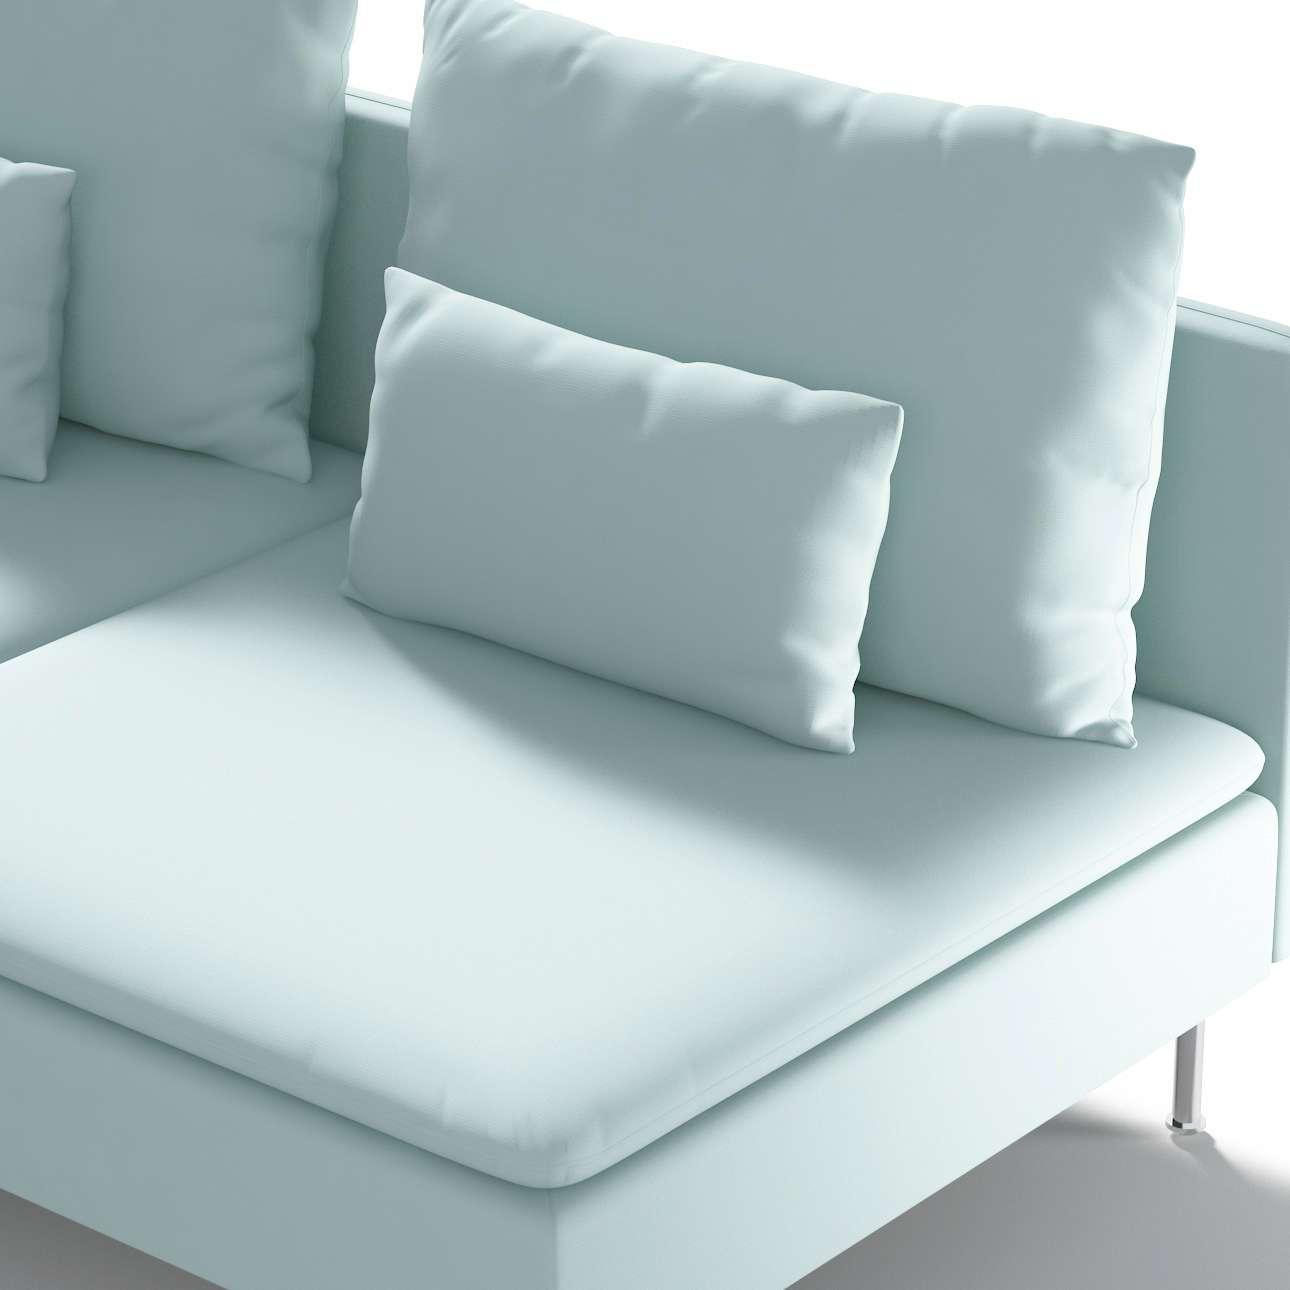 Söderhamn Bezug für Sitzelement 3 Sitzelement 3 von der Kollektion Cotton Panama, Stoff: 702-10